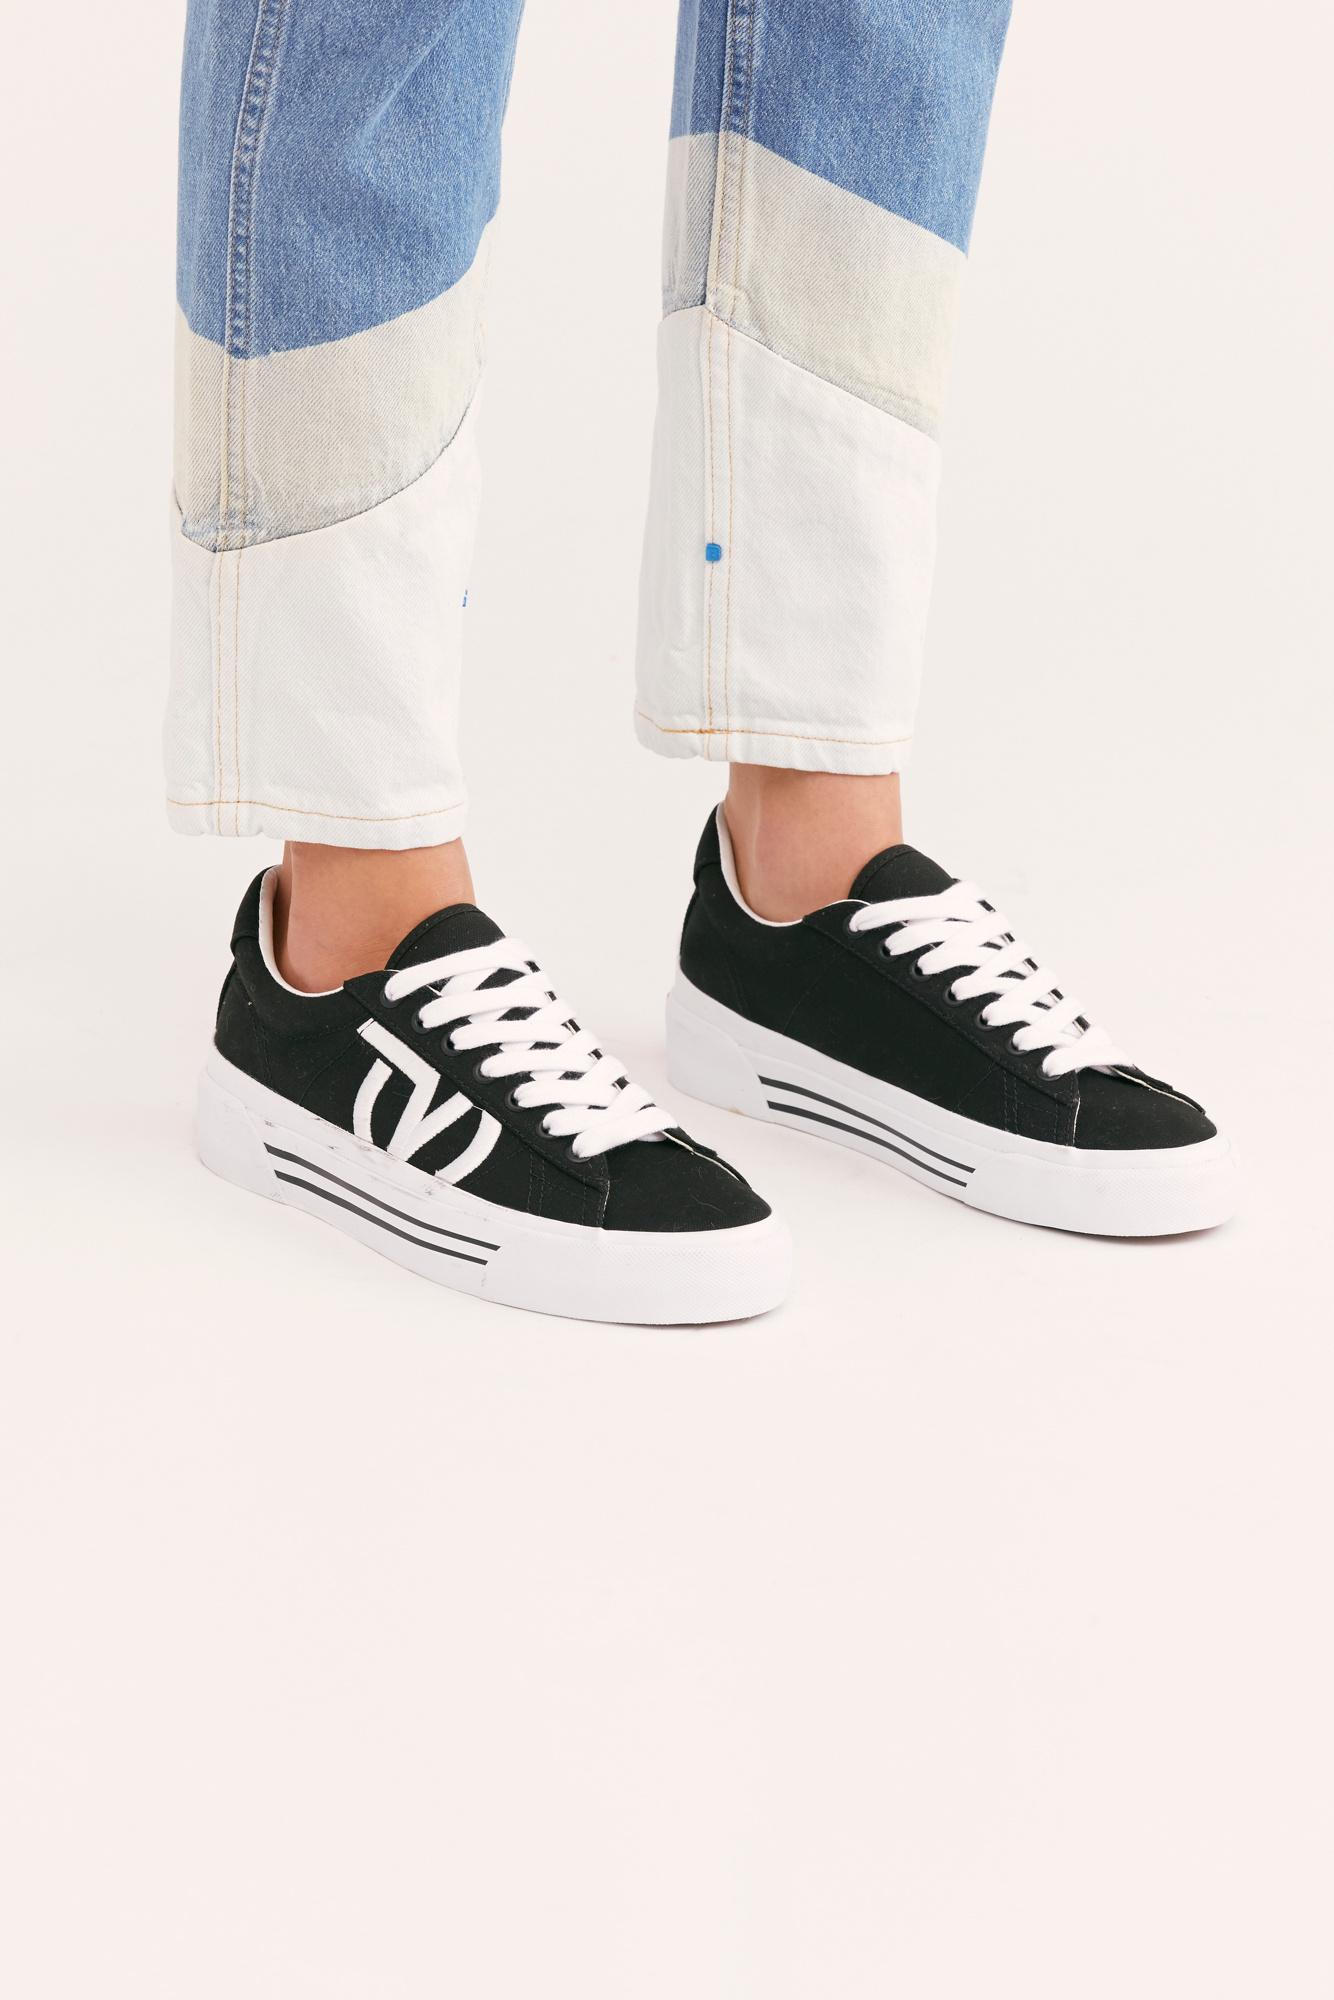 Sid Ni Platform Sneaker By Vans